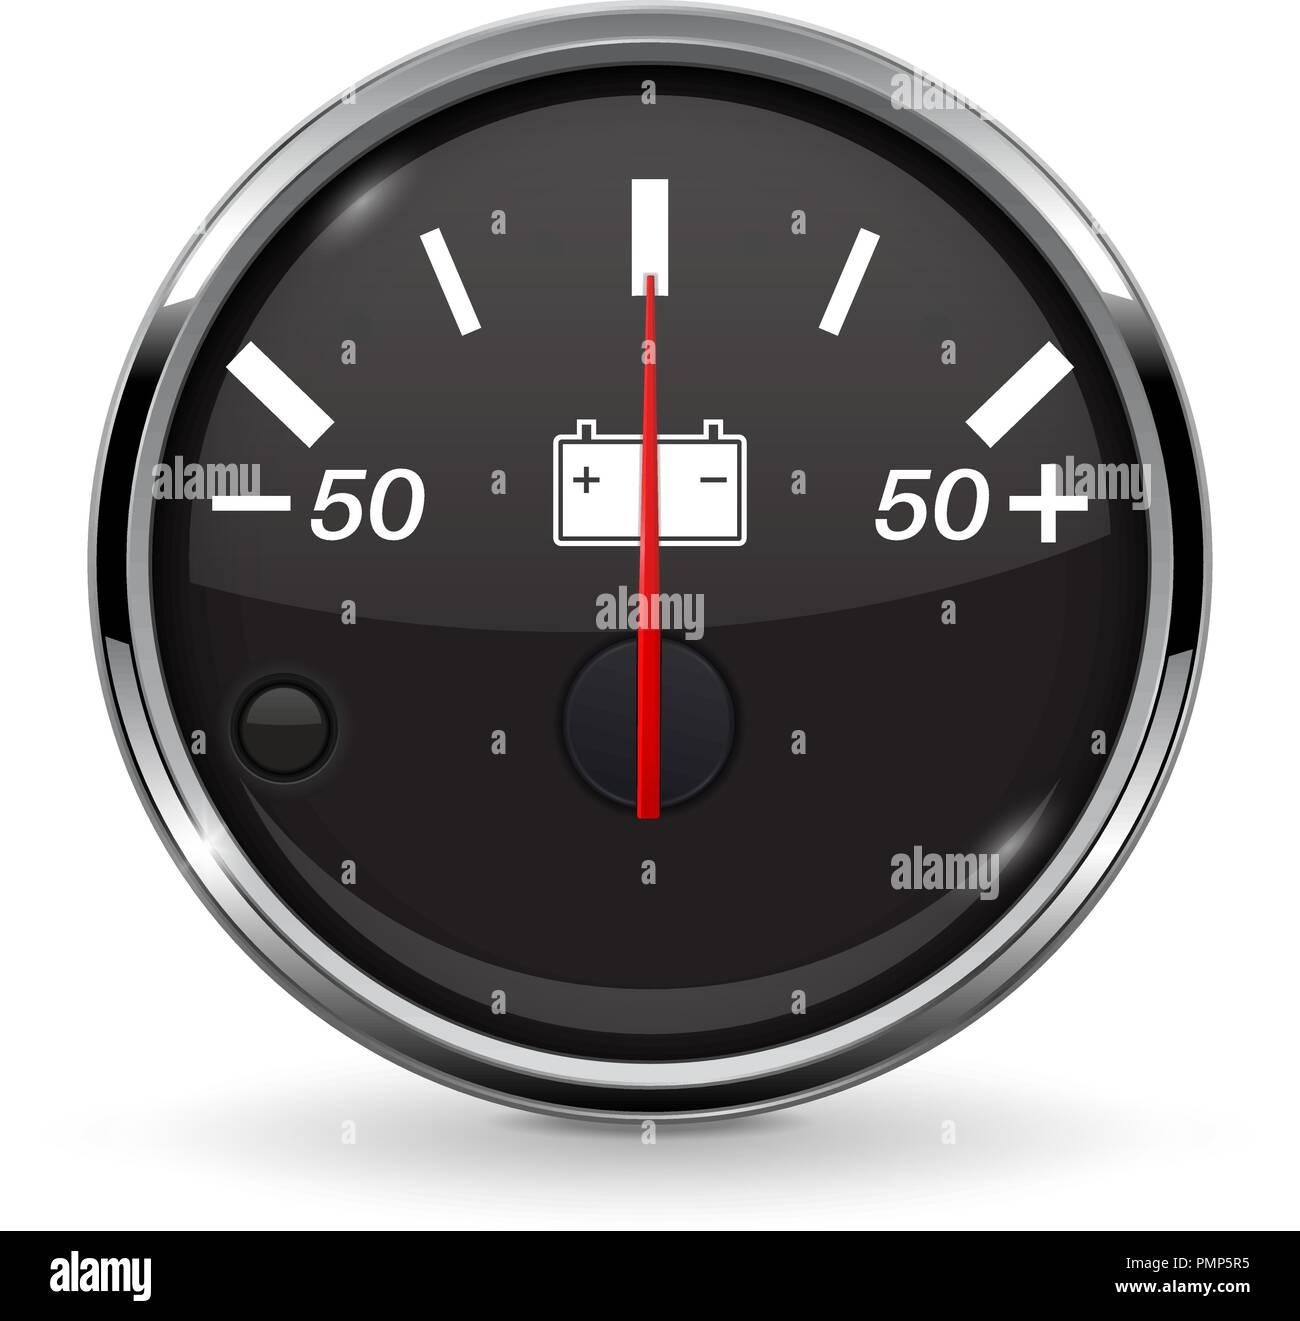 Accumulator gauge - Stock Vector